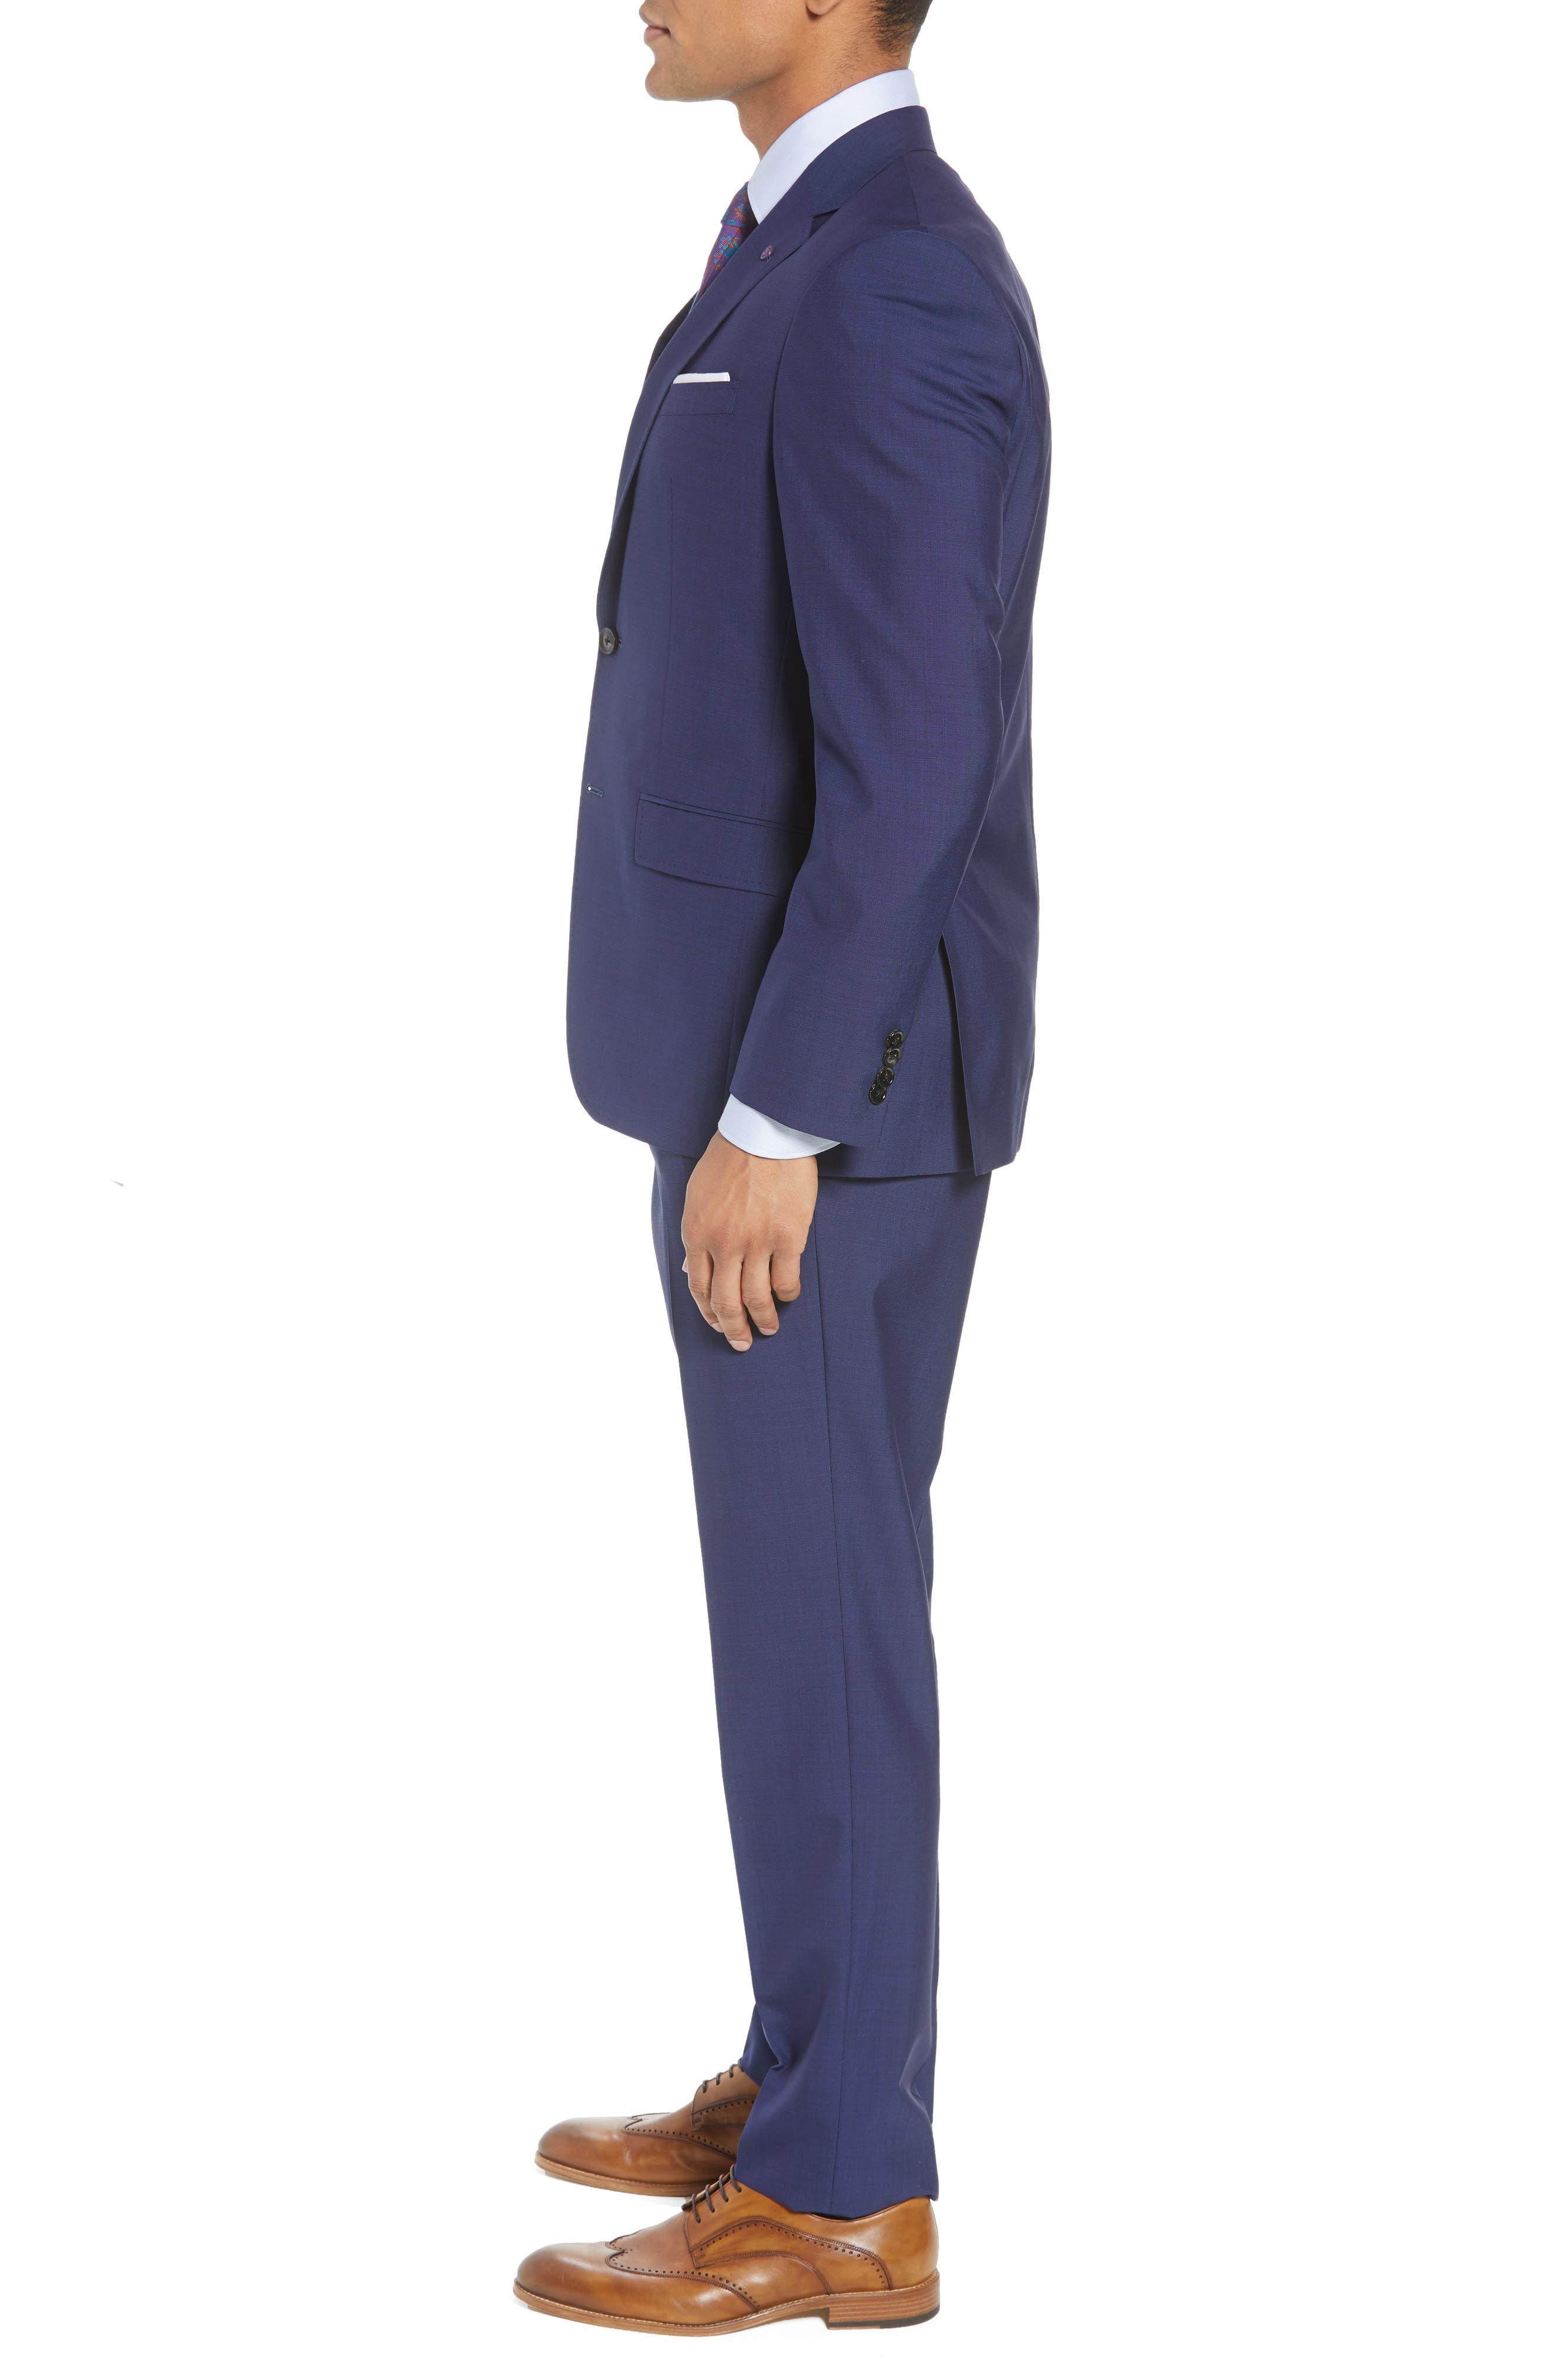 Jay Trim Fit Suit,                             Alternate thumbnail 3, color,                             BLUE